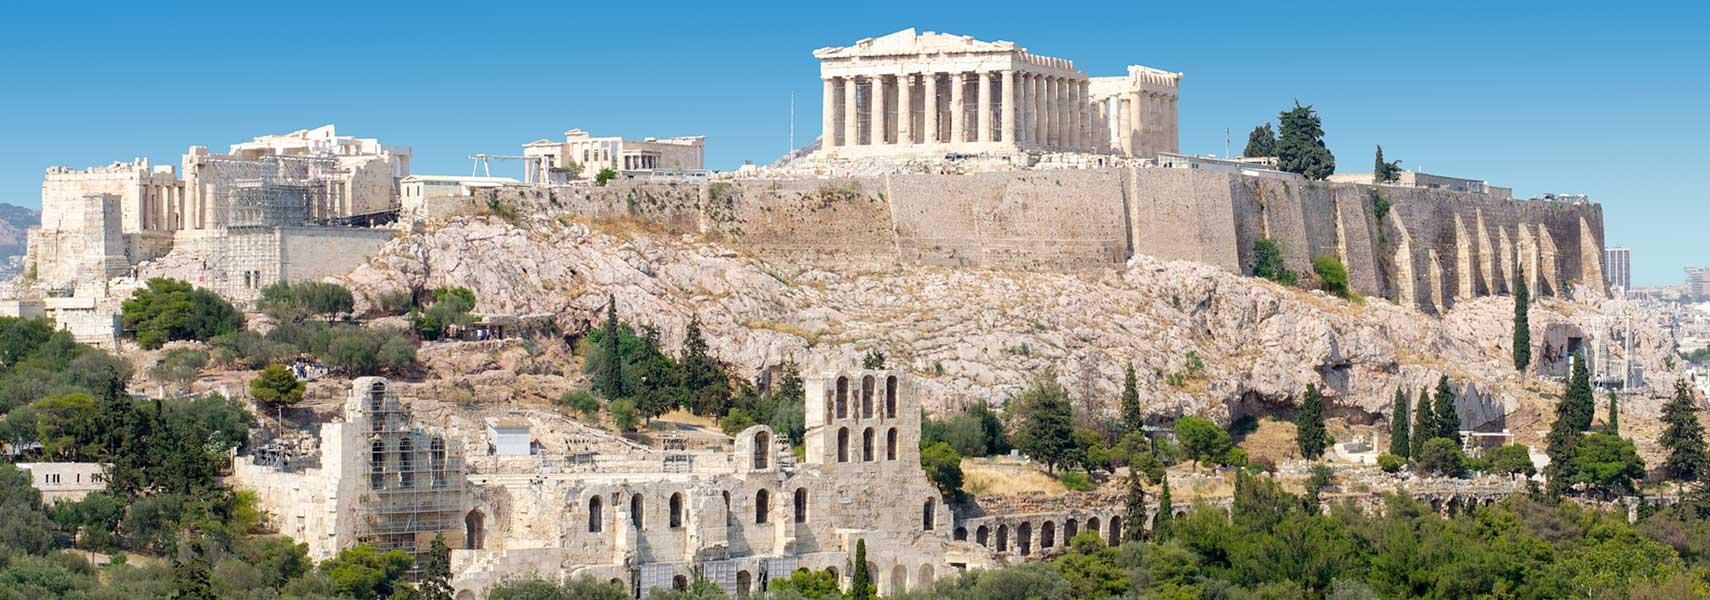 Acropolis-of-Athens.jpg (1710×600)